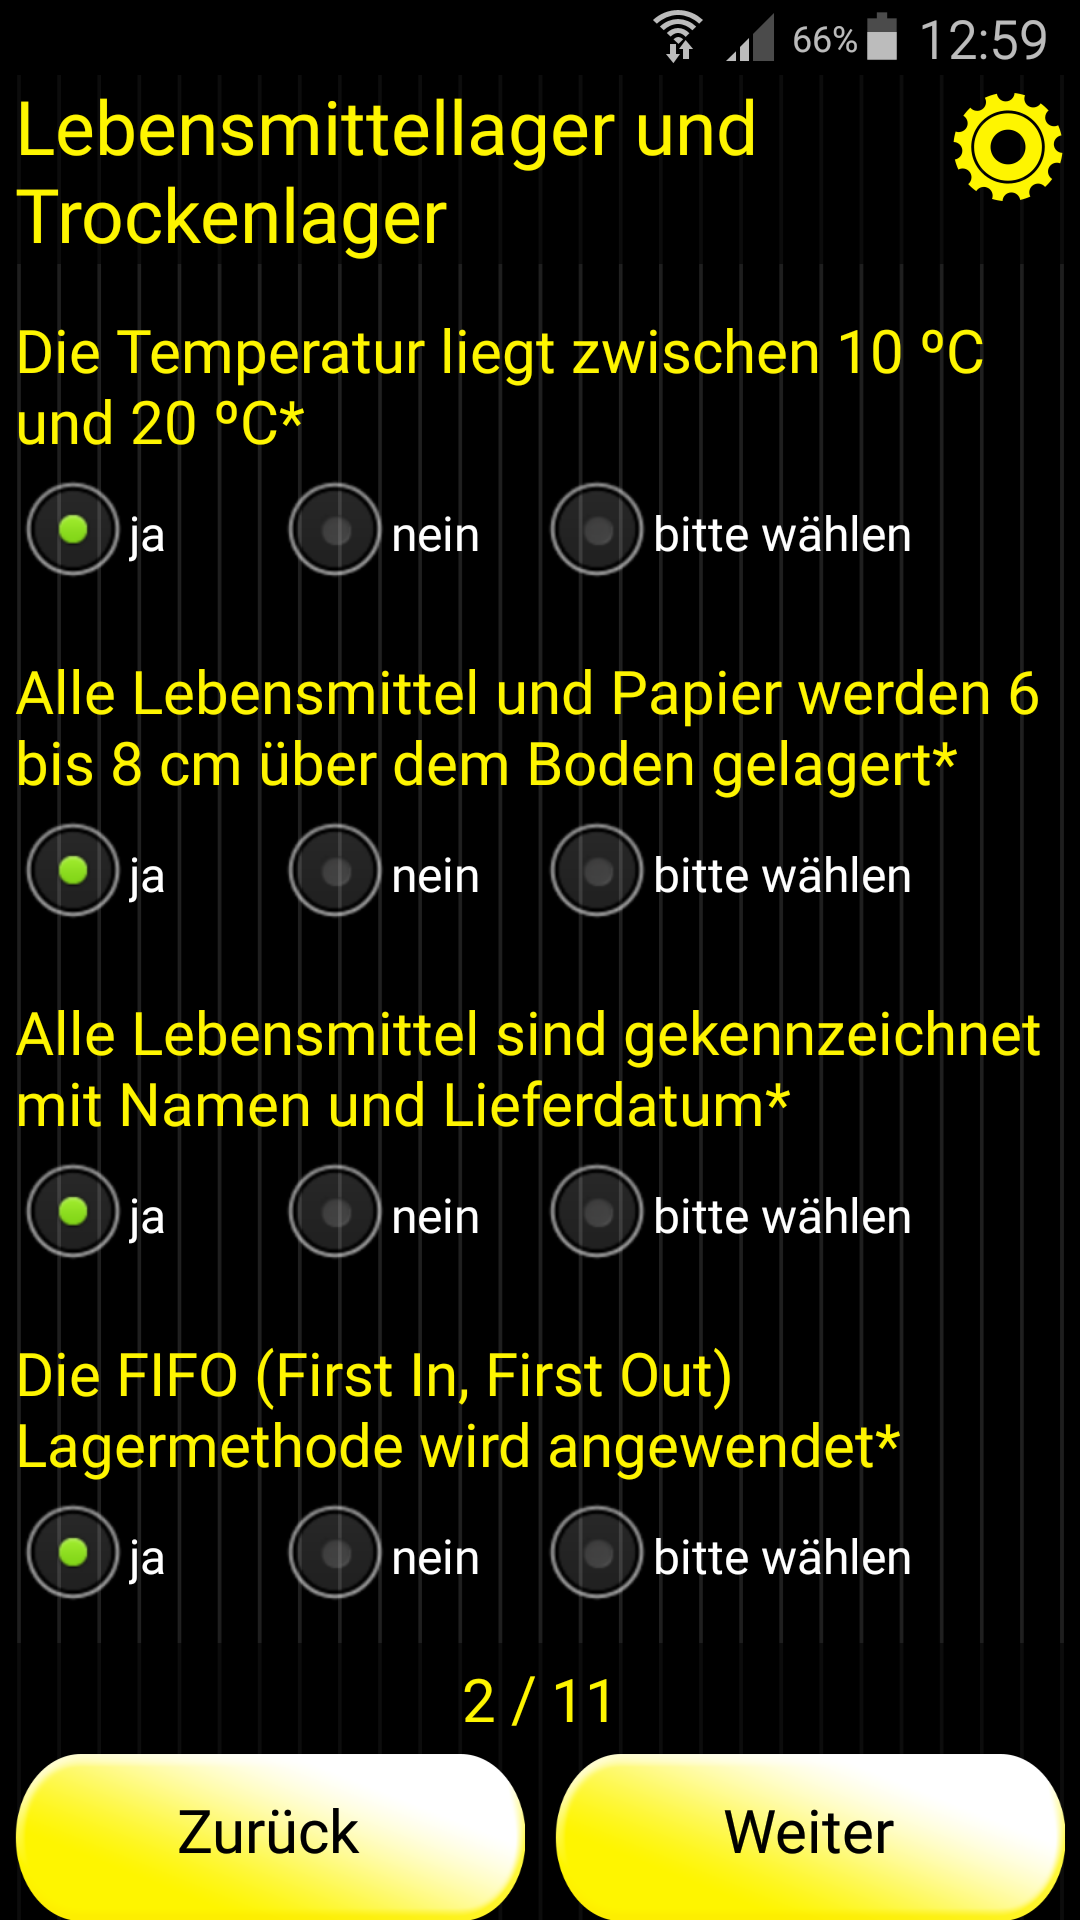 ginstr_app_foodServiceInspection_DE_3